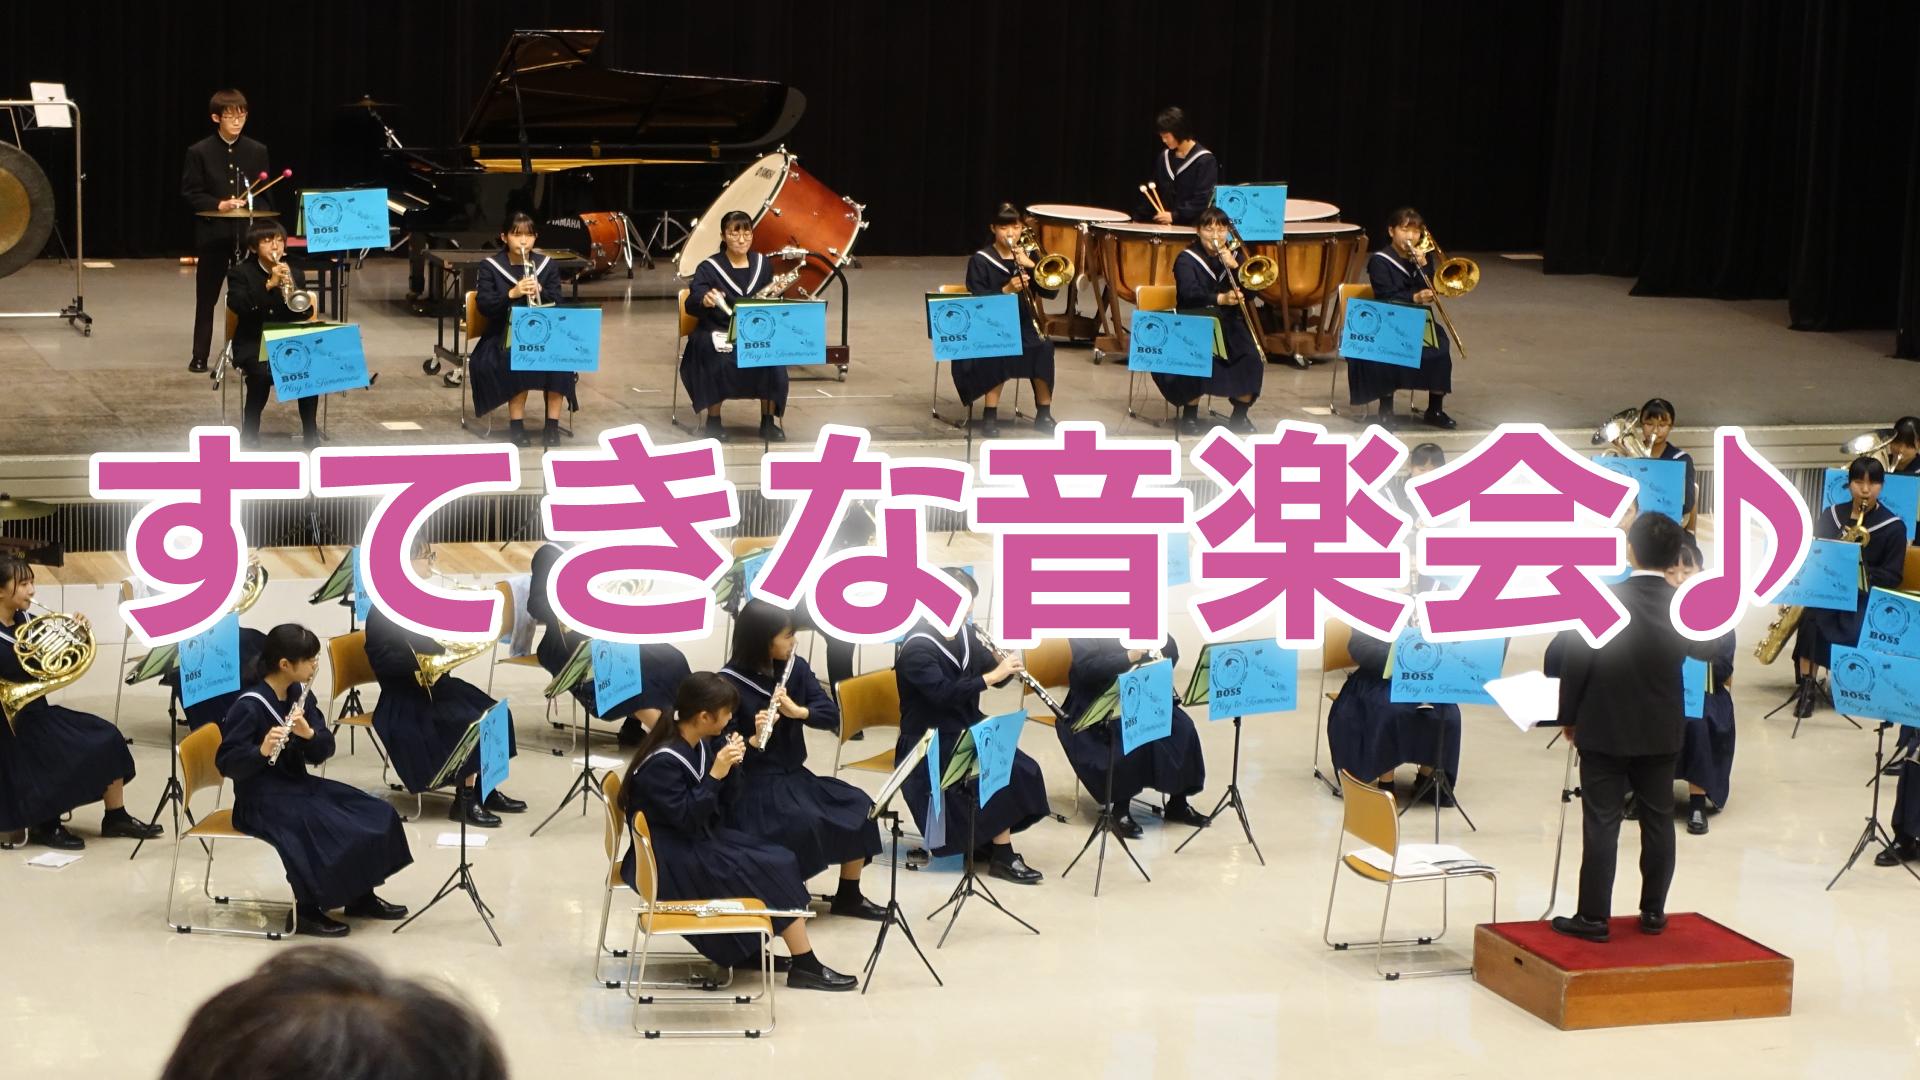 すてきな音楽会♪|【第57回 吹奏楽祭】【岡崎市小中学校連合音楽会】【第34回 東部芸能おさらい会】